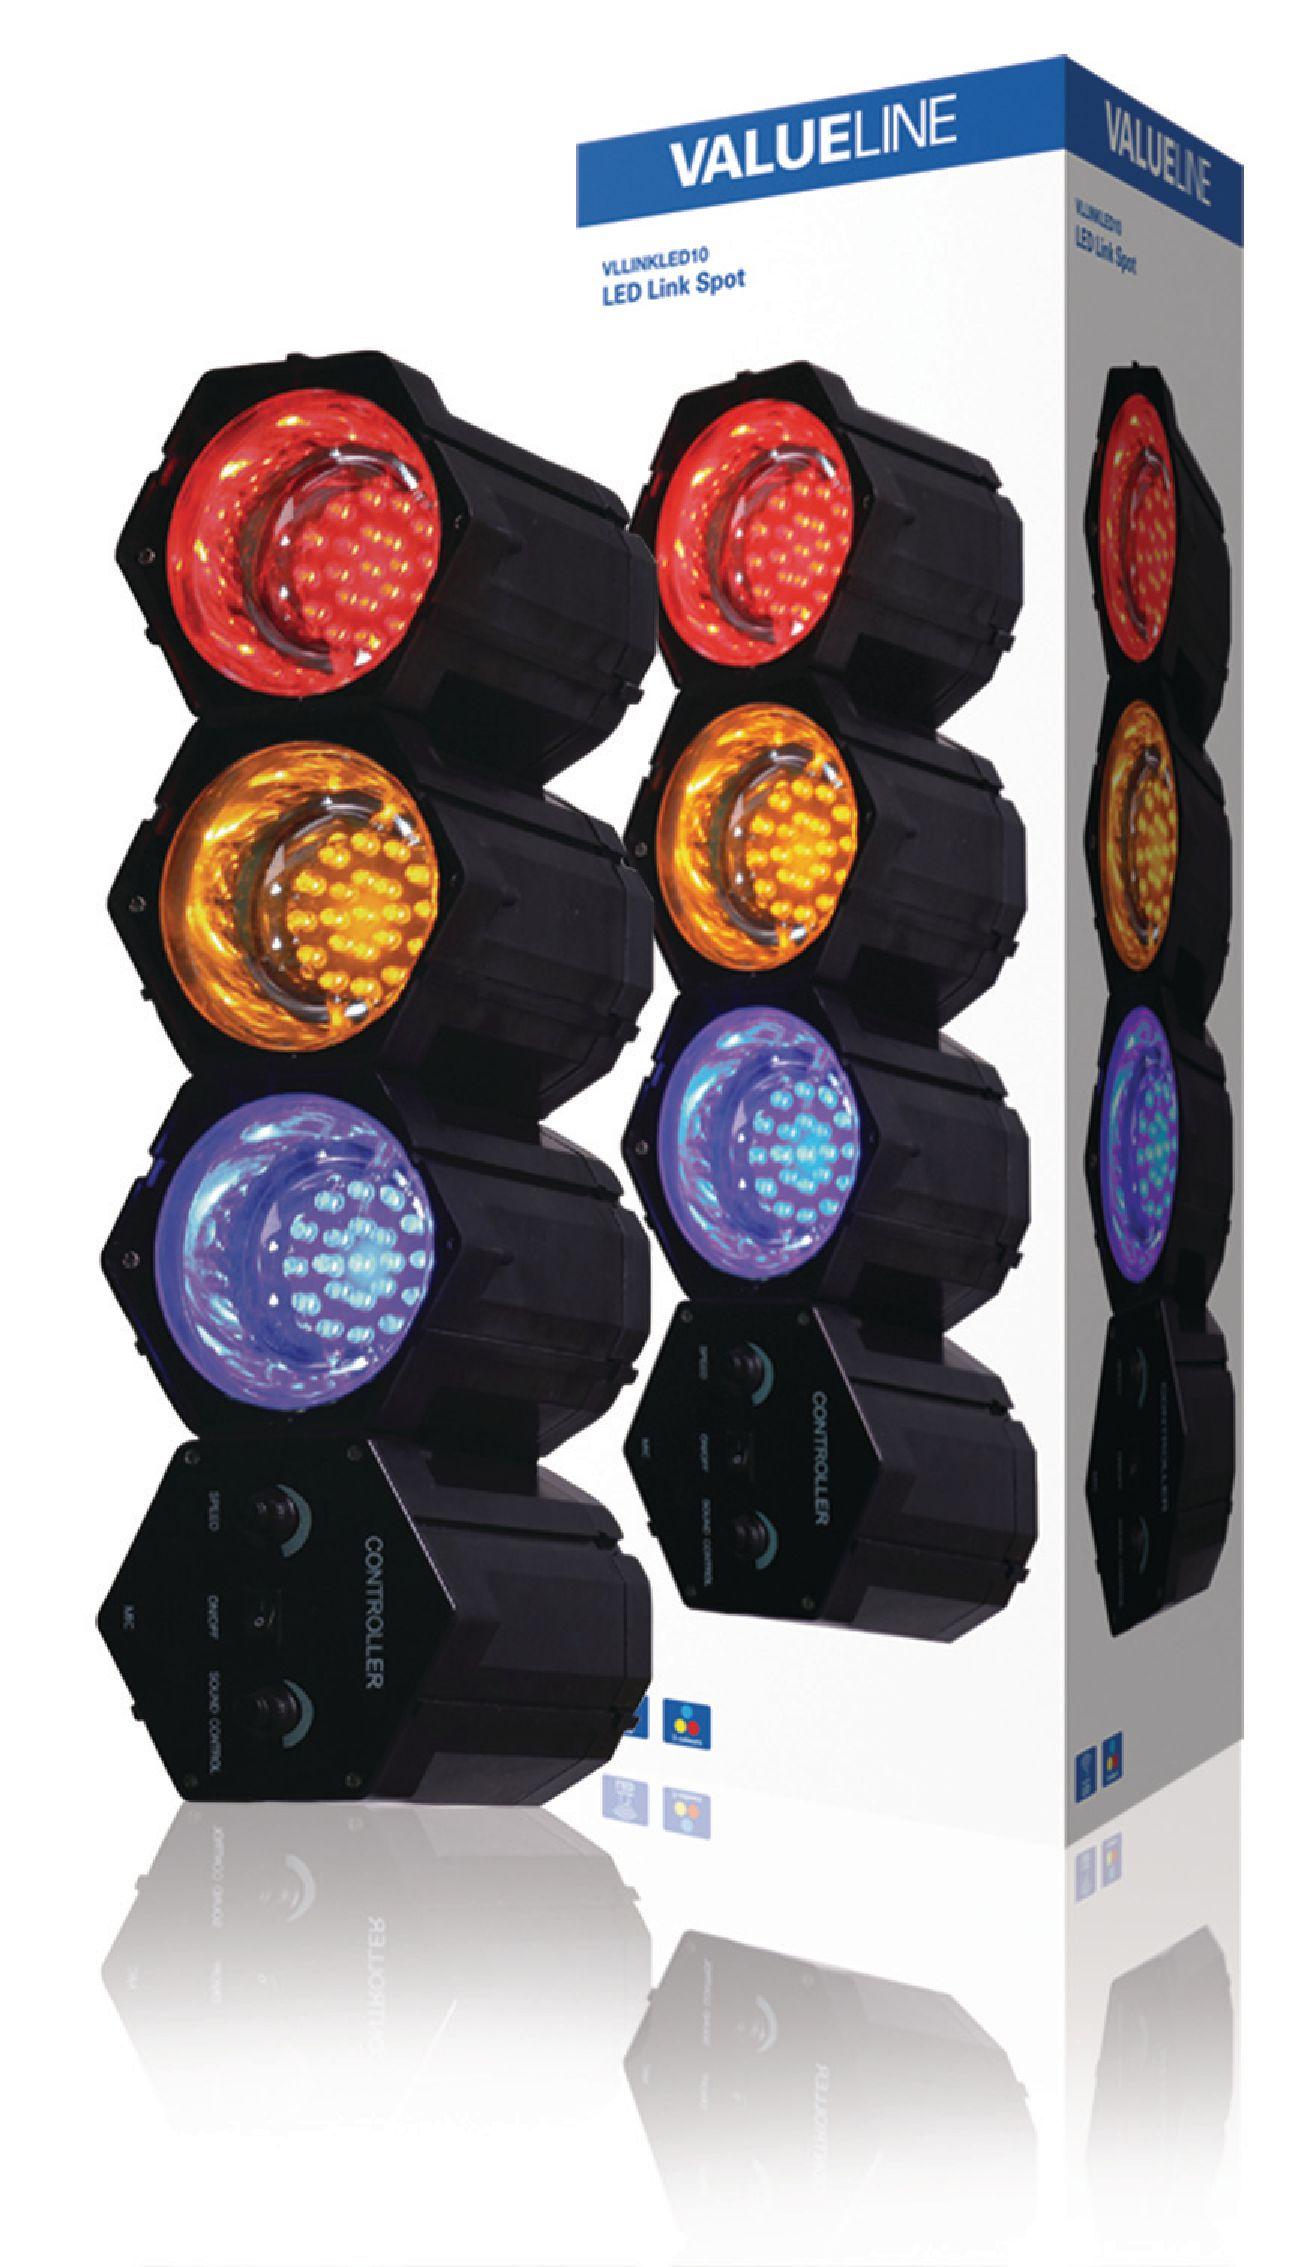 LED světelné varhany se 3 moduly Valueline VLLINKLED10